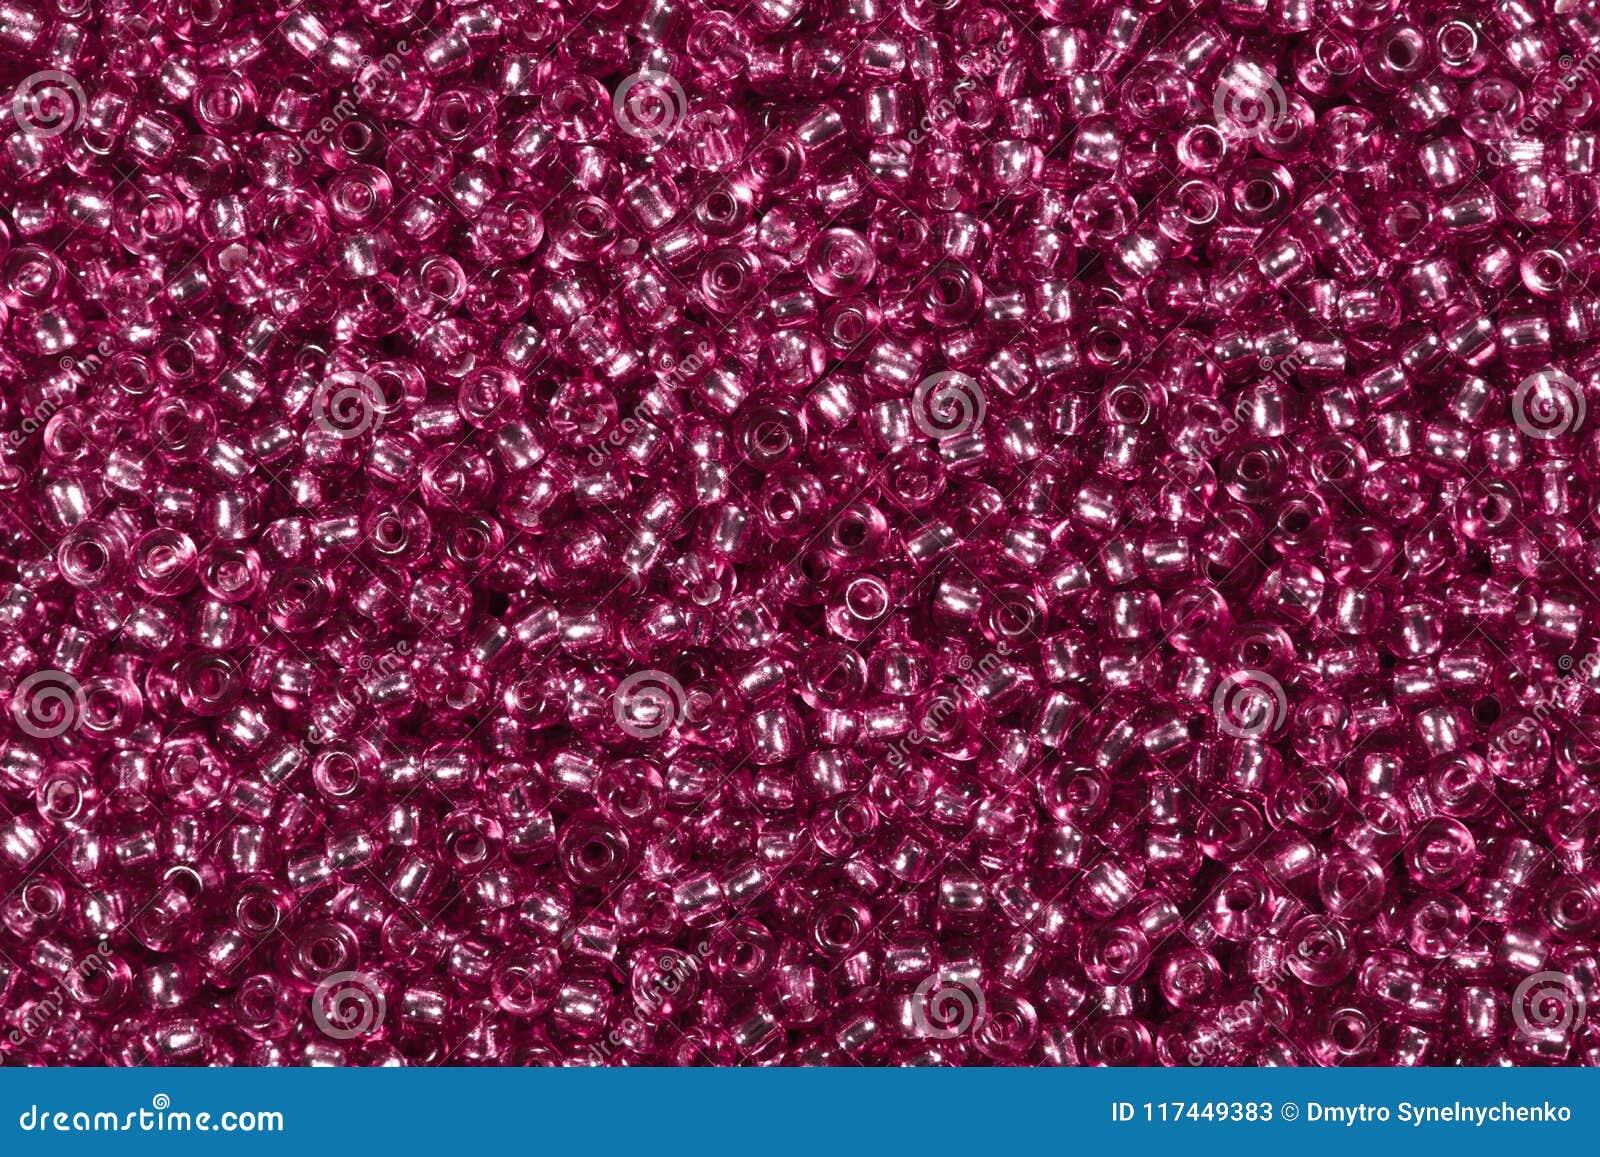 Фон с крошечным темным розовым стеклянным семенем отбортовывает